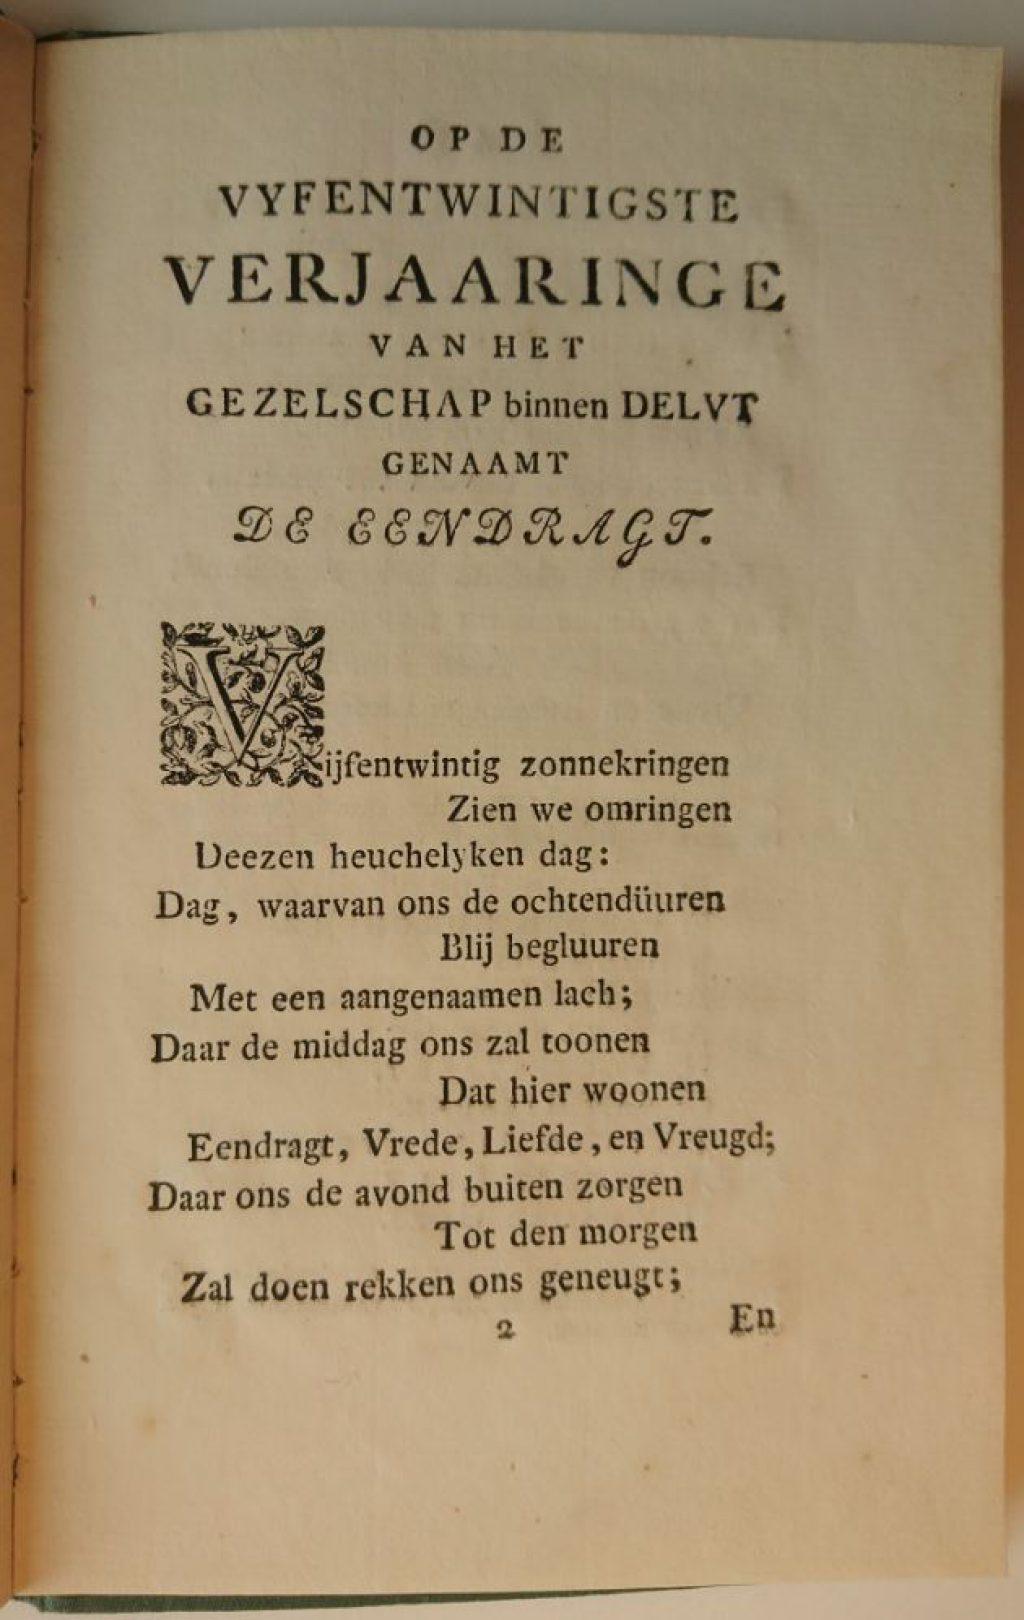 Gedicht ter gelegenheid van het 25-jarig bestaan van gezelschap De Eendragt, 1777 (Bibliotheek 60 C 57)